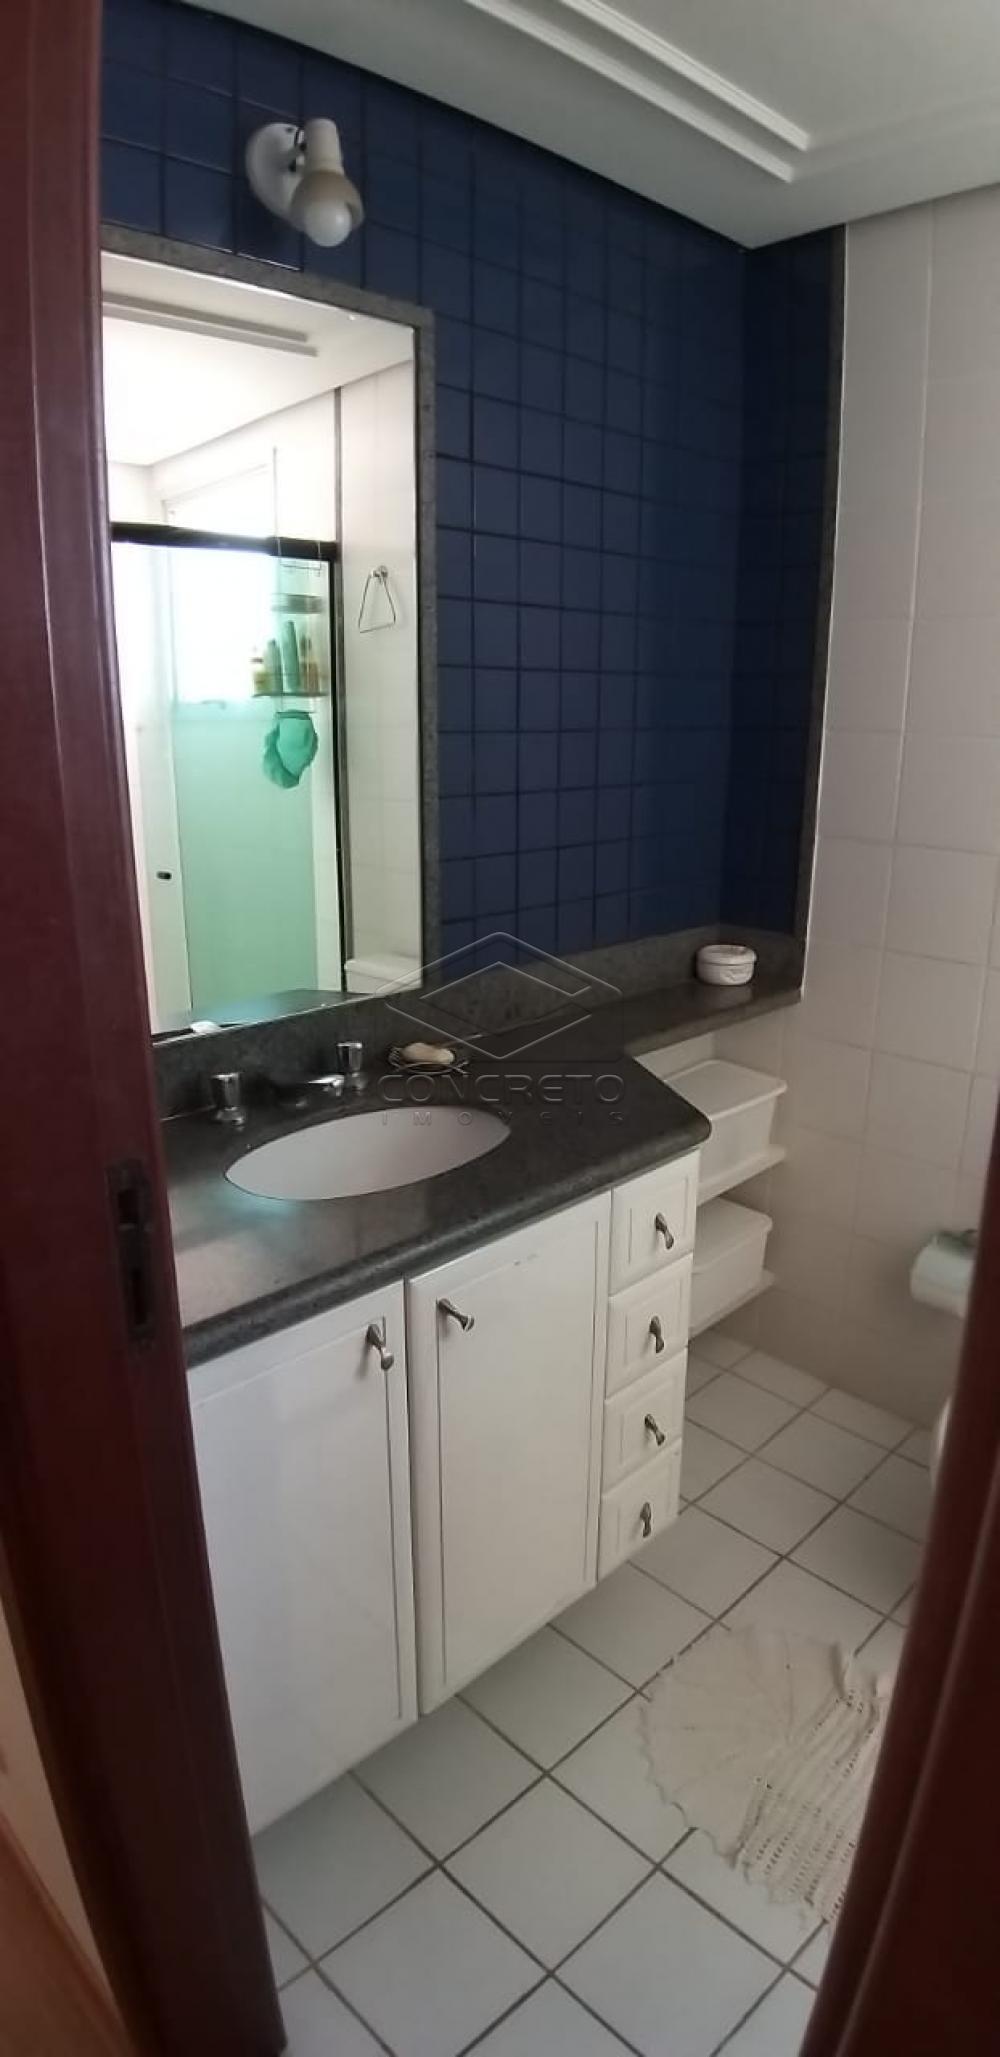 Comprar Apartamento / Padrão em Bauru R$ 399.000,00 - Foto 5